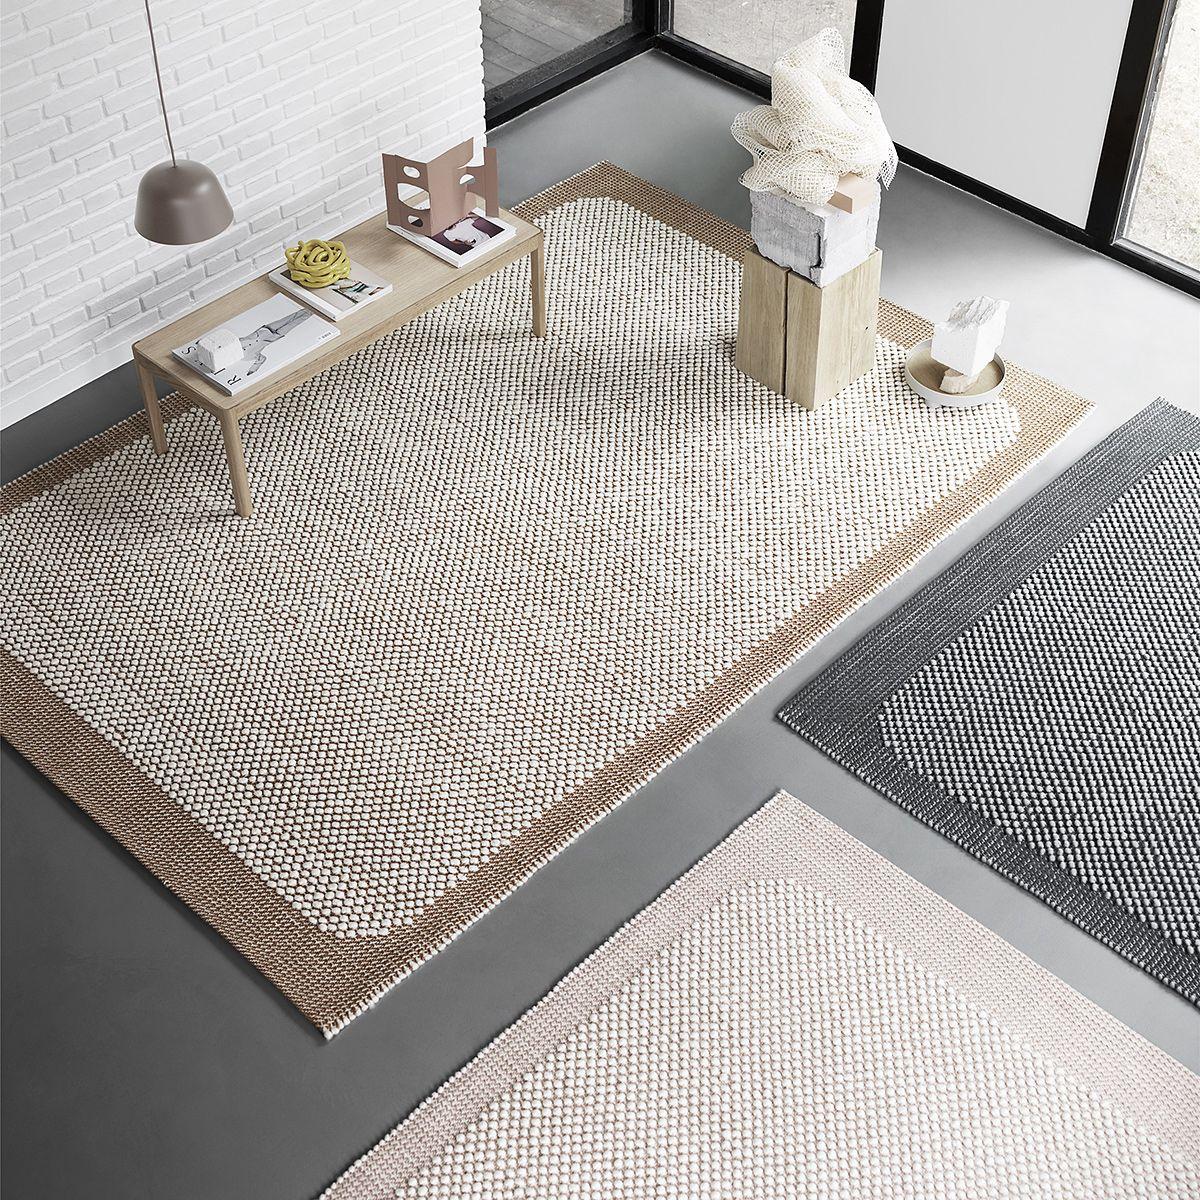 Fernweh Teppich Pebble Von Muuto Schoner Wohnen Wohnen Und Wohn Esszimmer